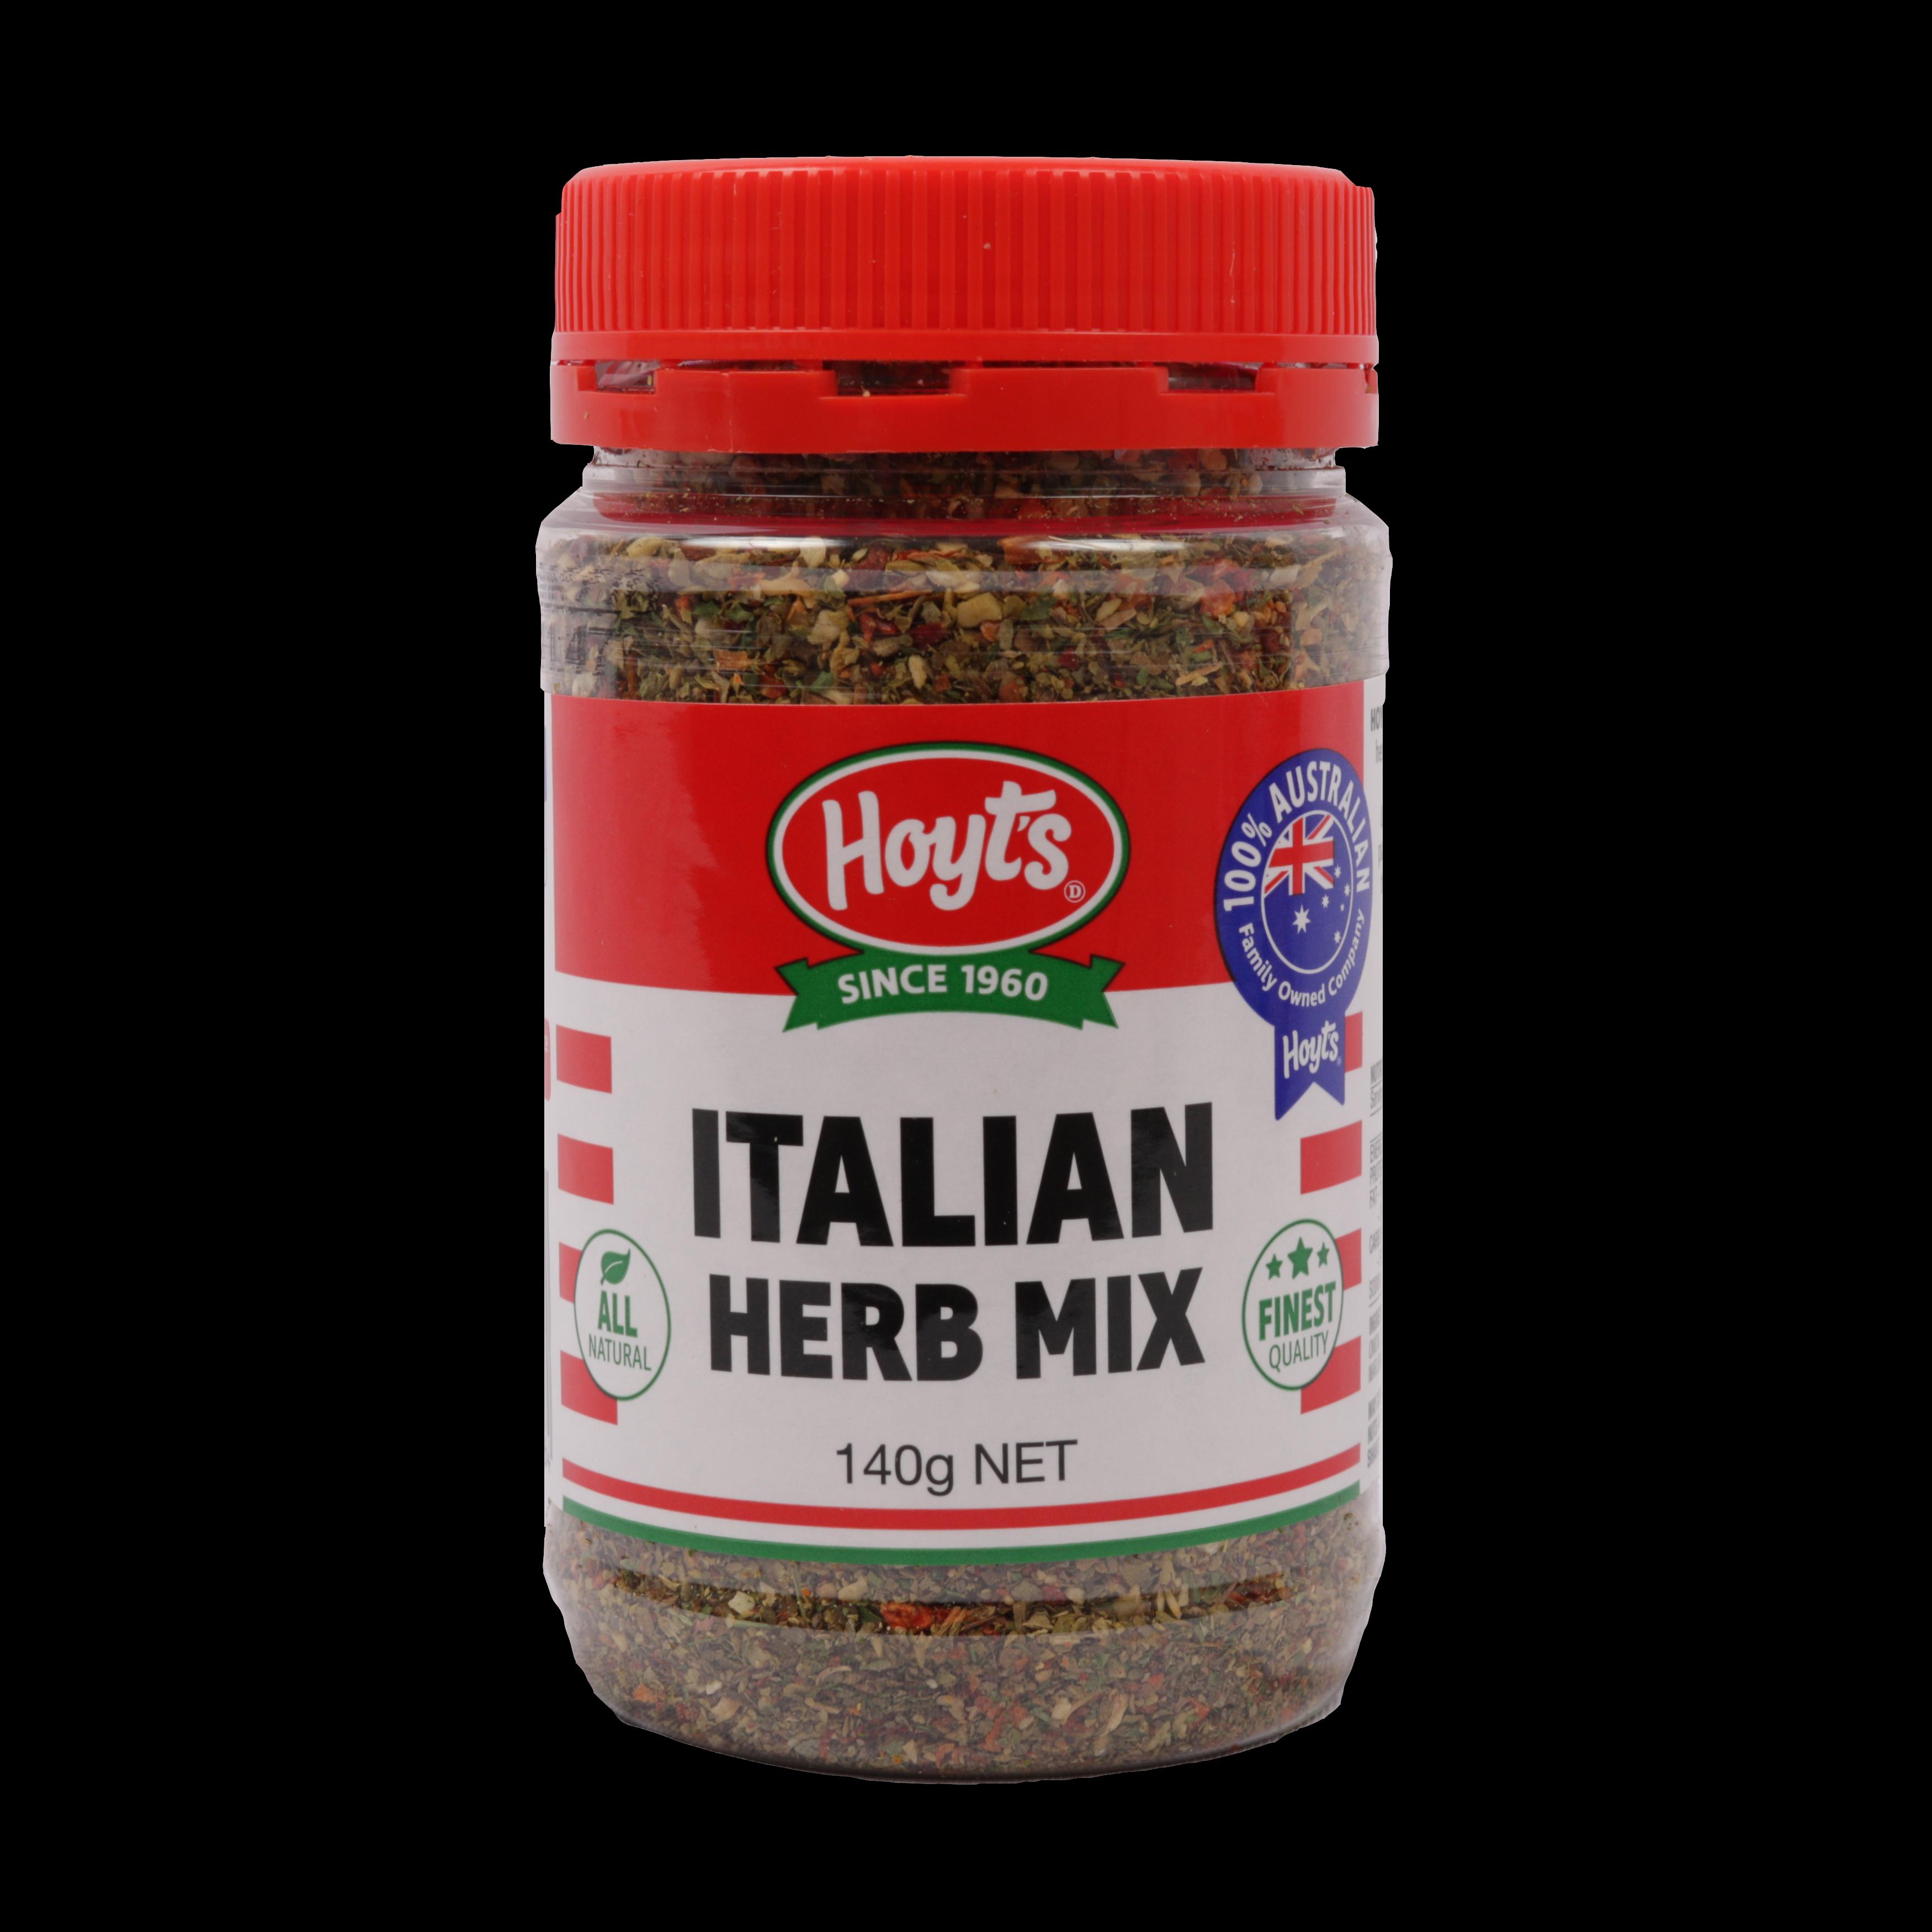 Hoyts Italian Herb Mix 140g